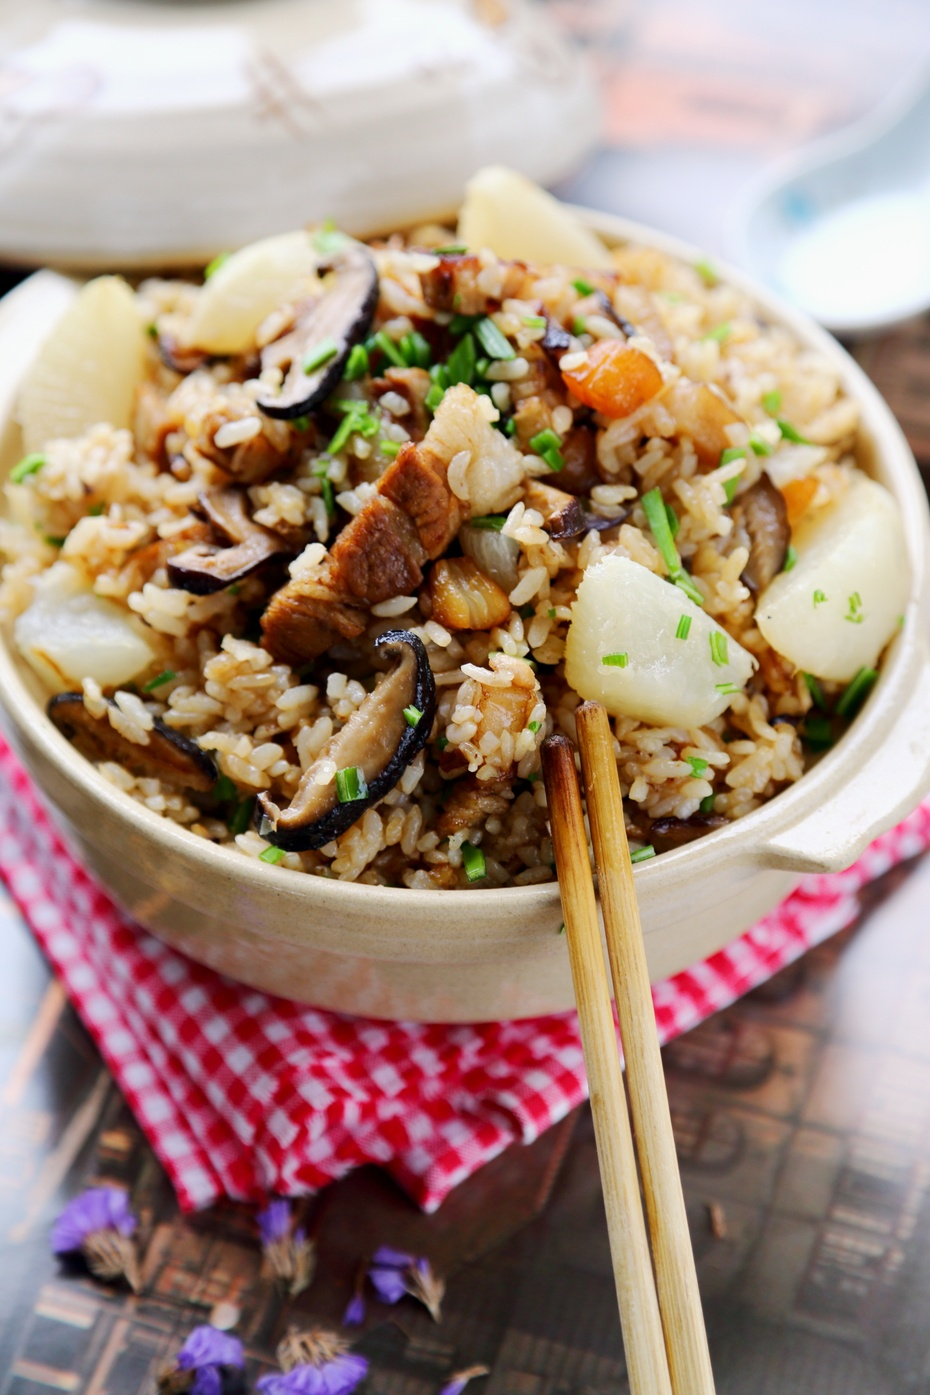 泉州萝卜饭 半个中国味 - 慢美食 - 慢 美 食